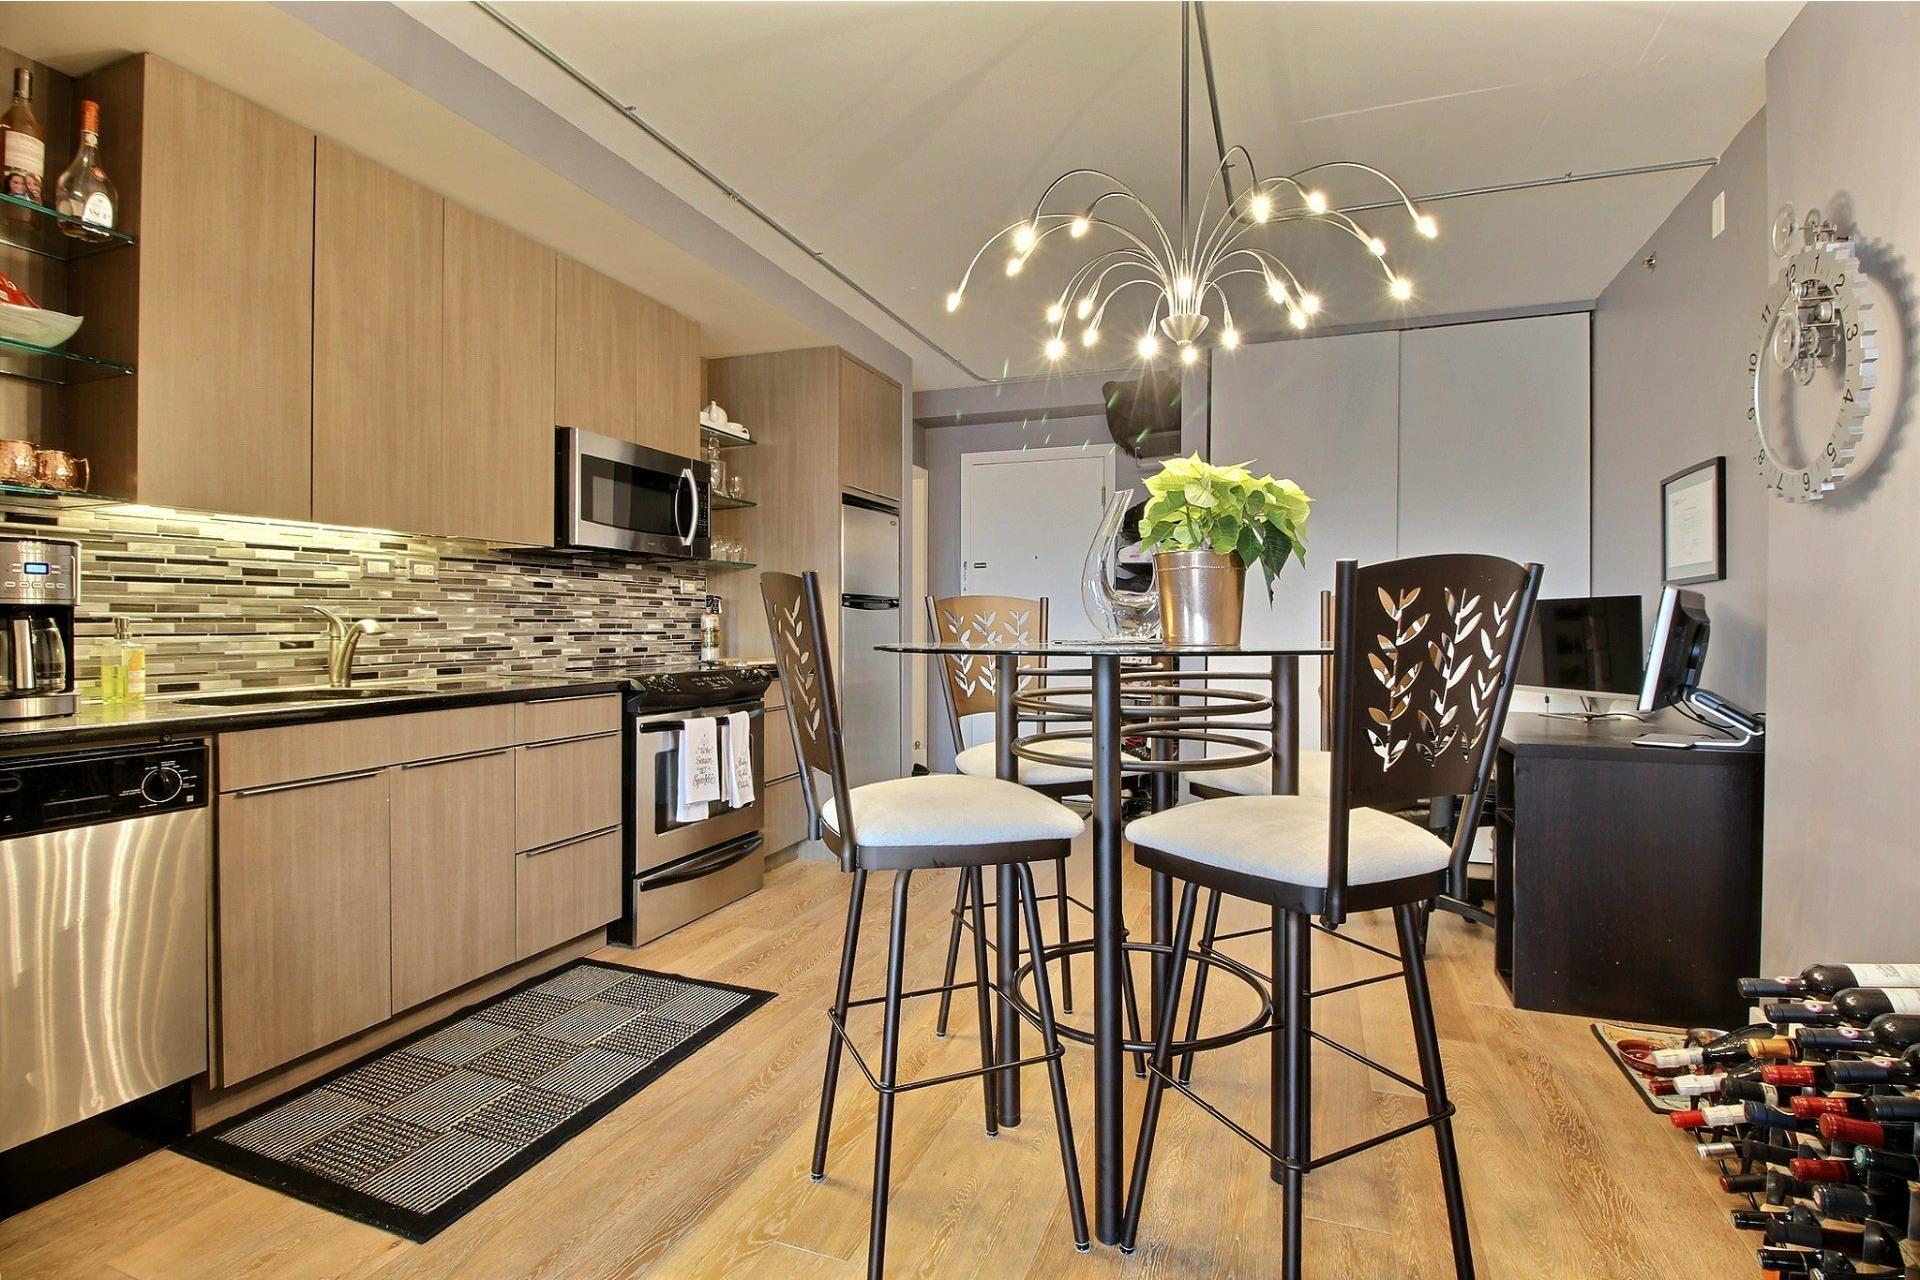 image 3 - Apartment For rent Montréal Le Sud-Ouest  - 3 rooms